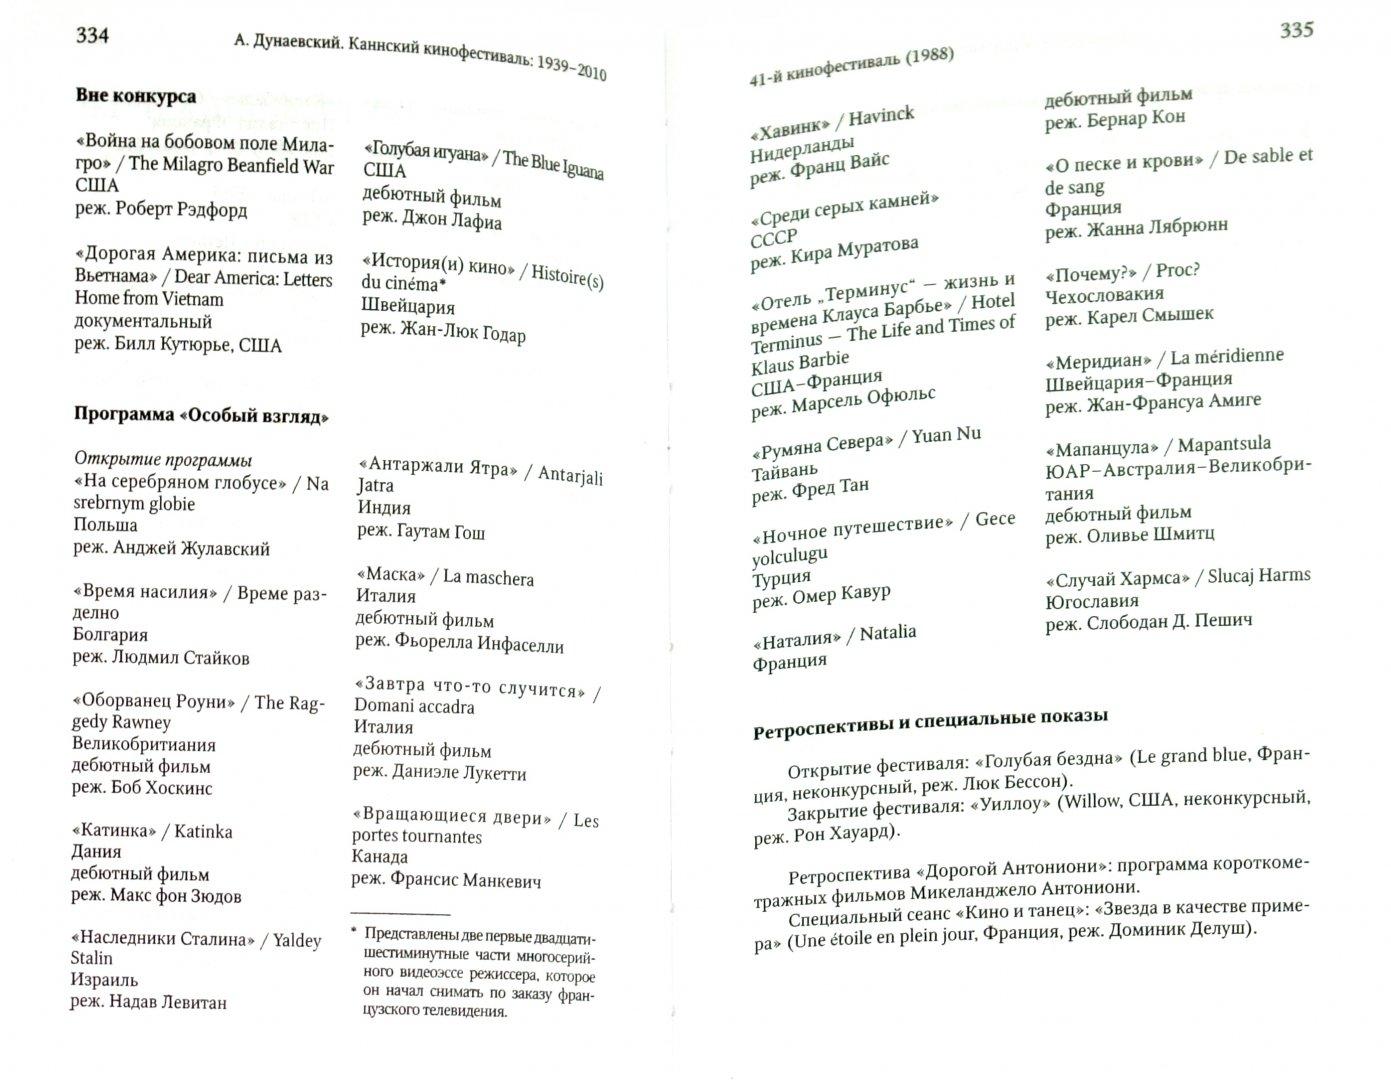 Иллюстрация 1 из 16 для Каннский фестиваль: 1939-2010 - Алексей Дунаевский | Лабиринт - книги. Источник: Лабиринт